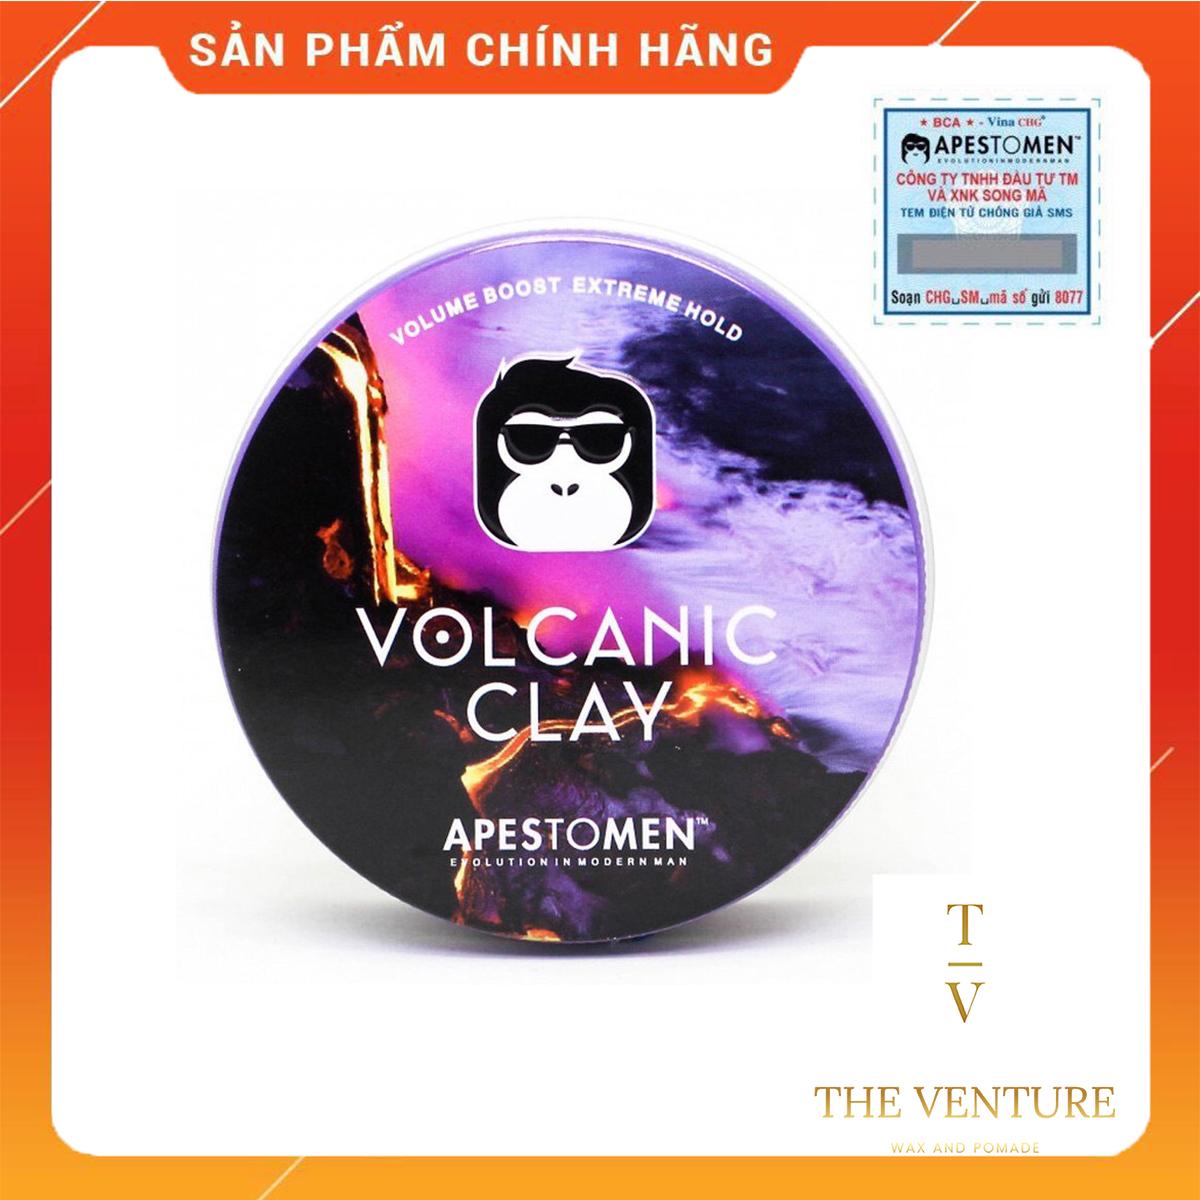 Sáp Vuốt Tóc Nam Apestomen Volcanic Clay Chính Hãng  - Tem Mã Vạch SMS Giá Cực Ngầu